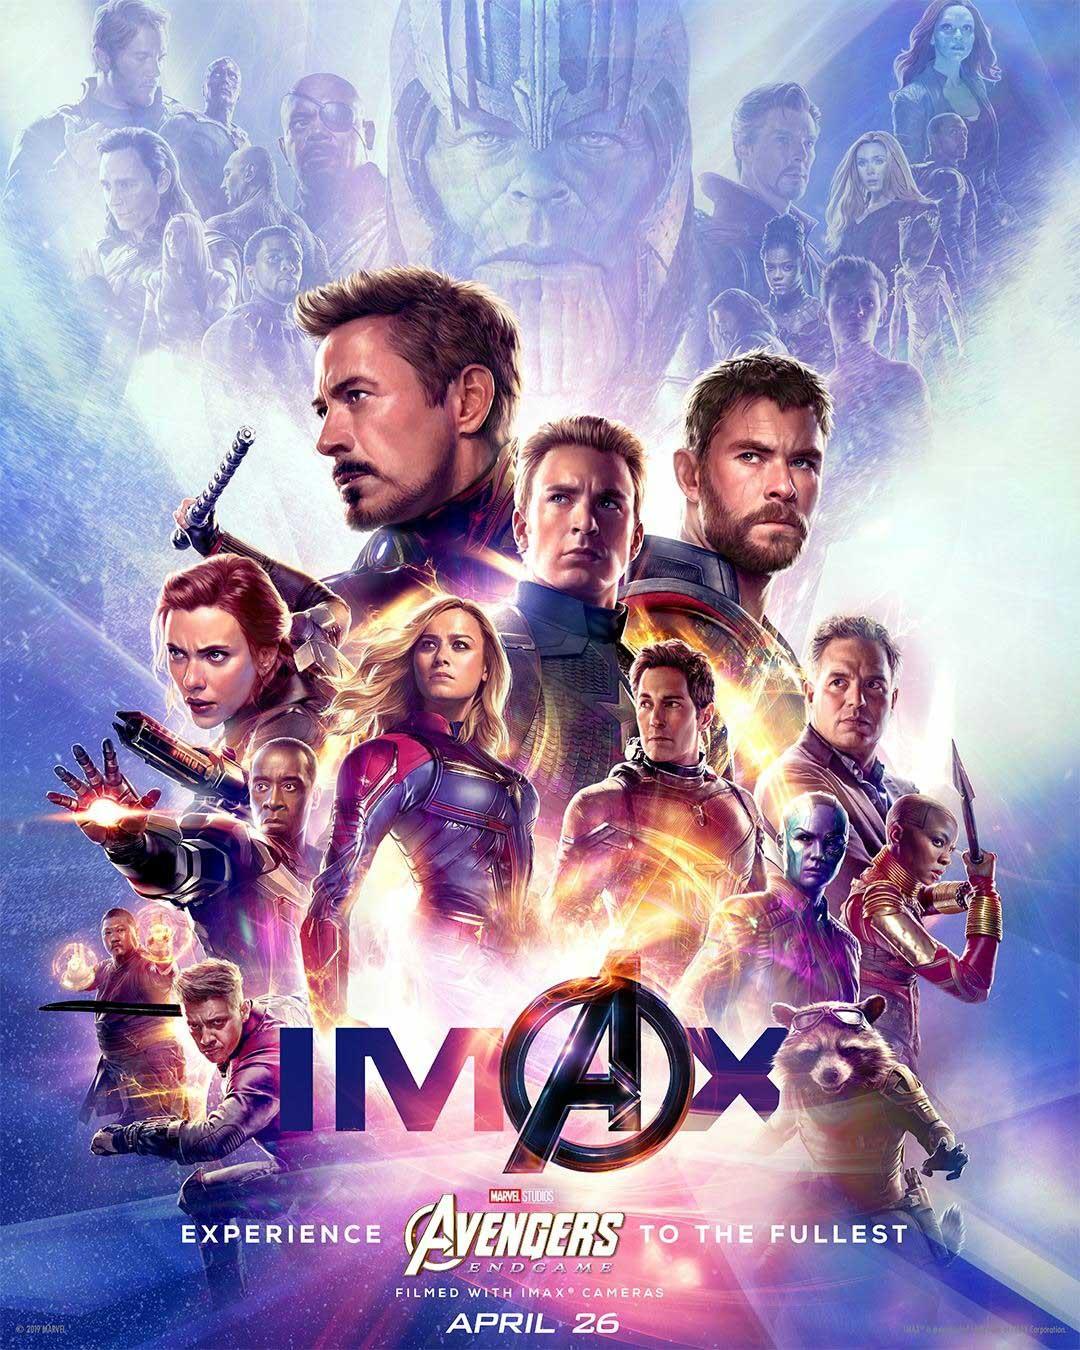 Affiche Poster Avengers endgame disney marvel